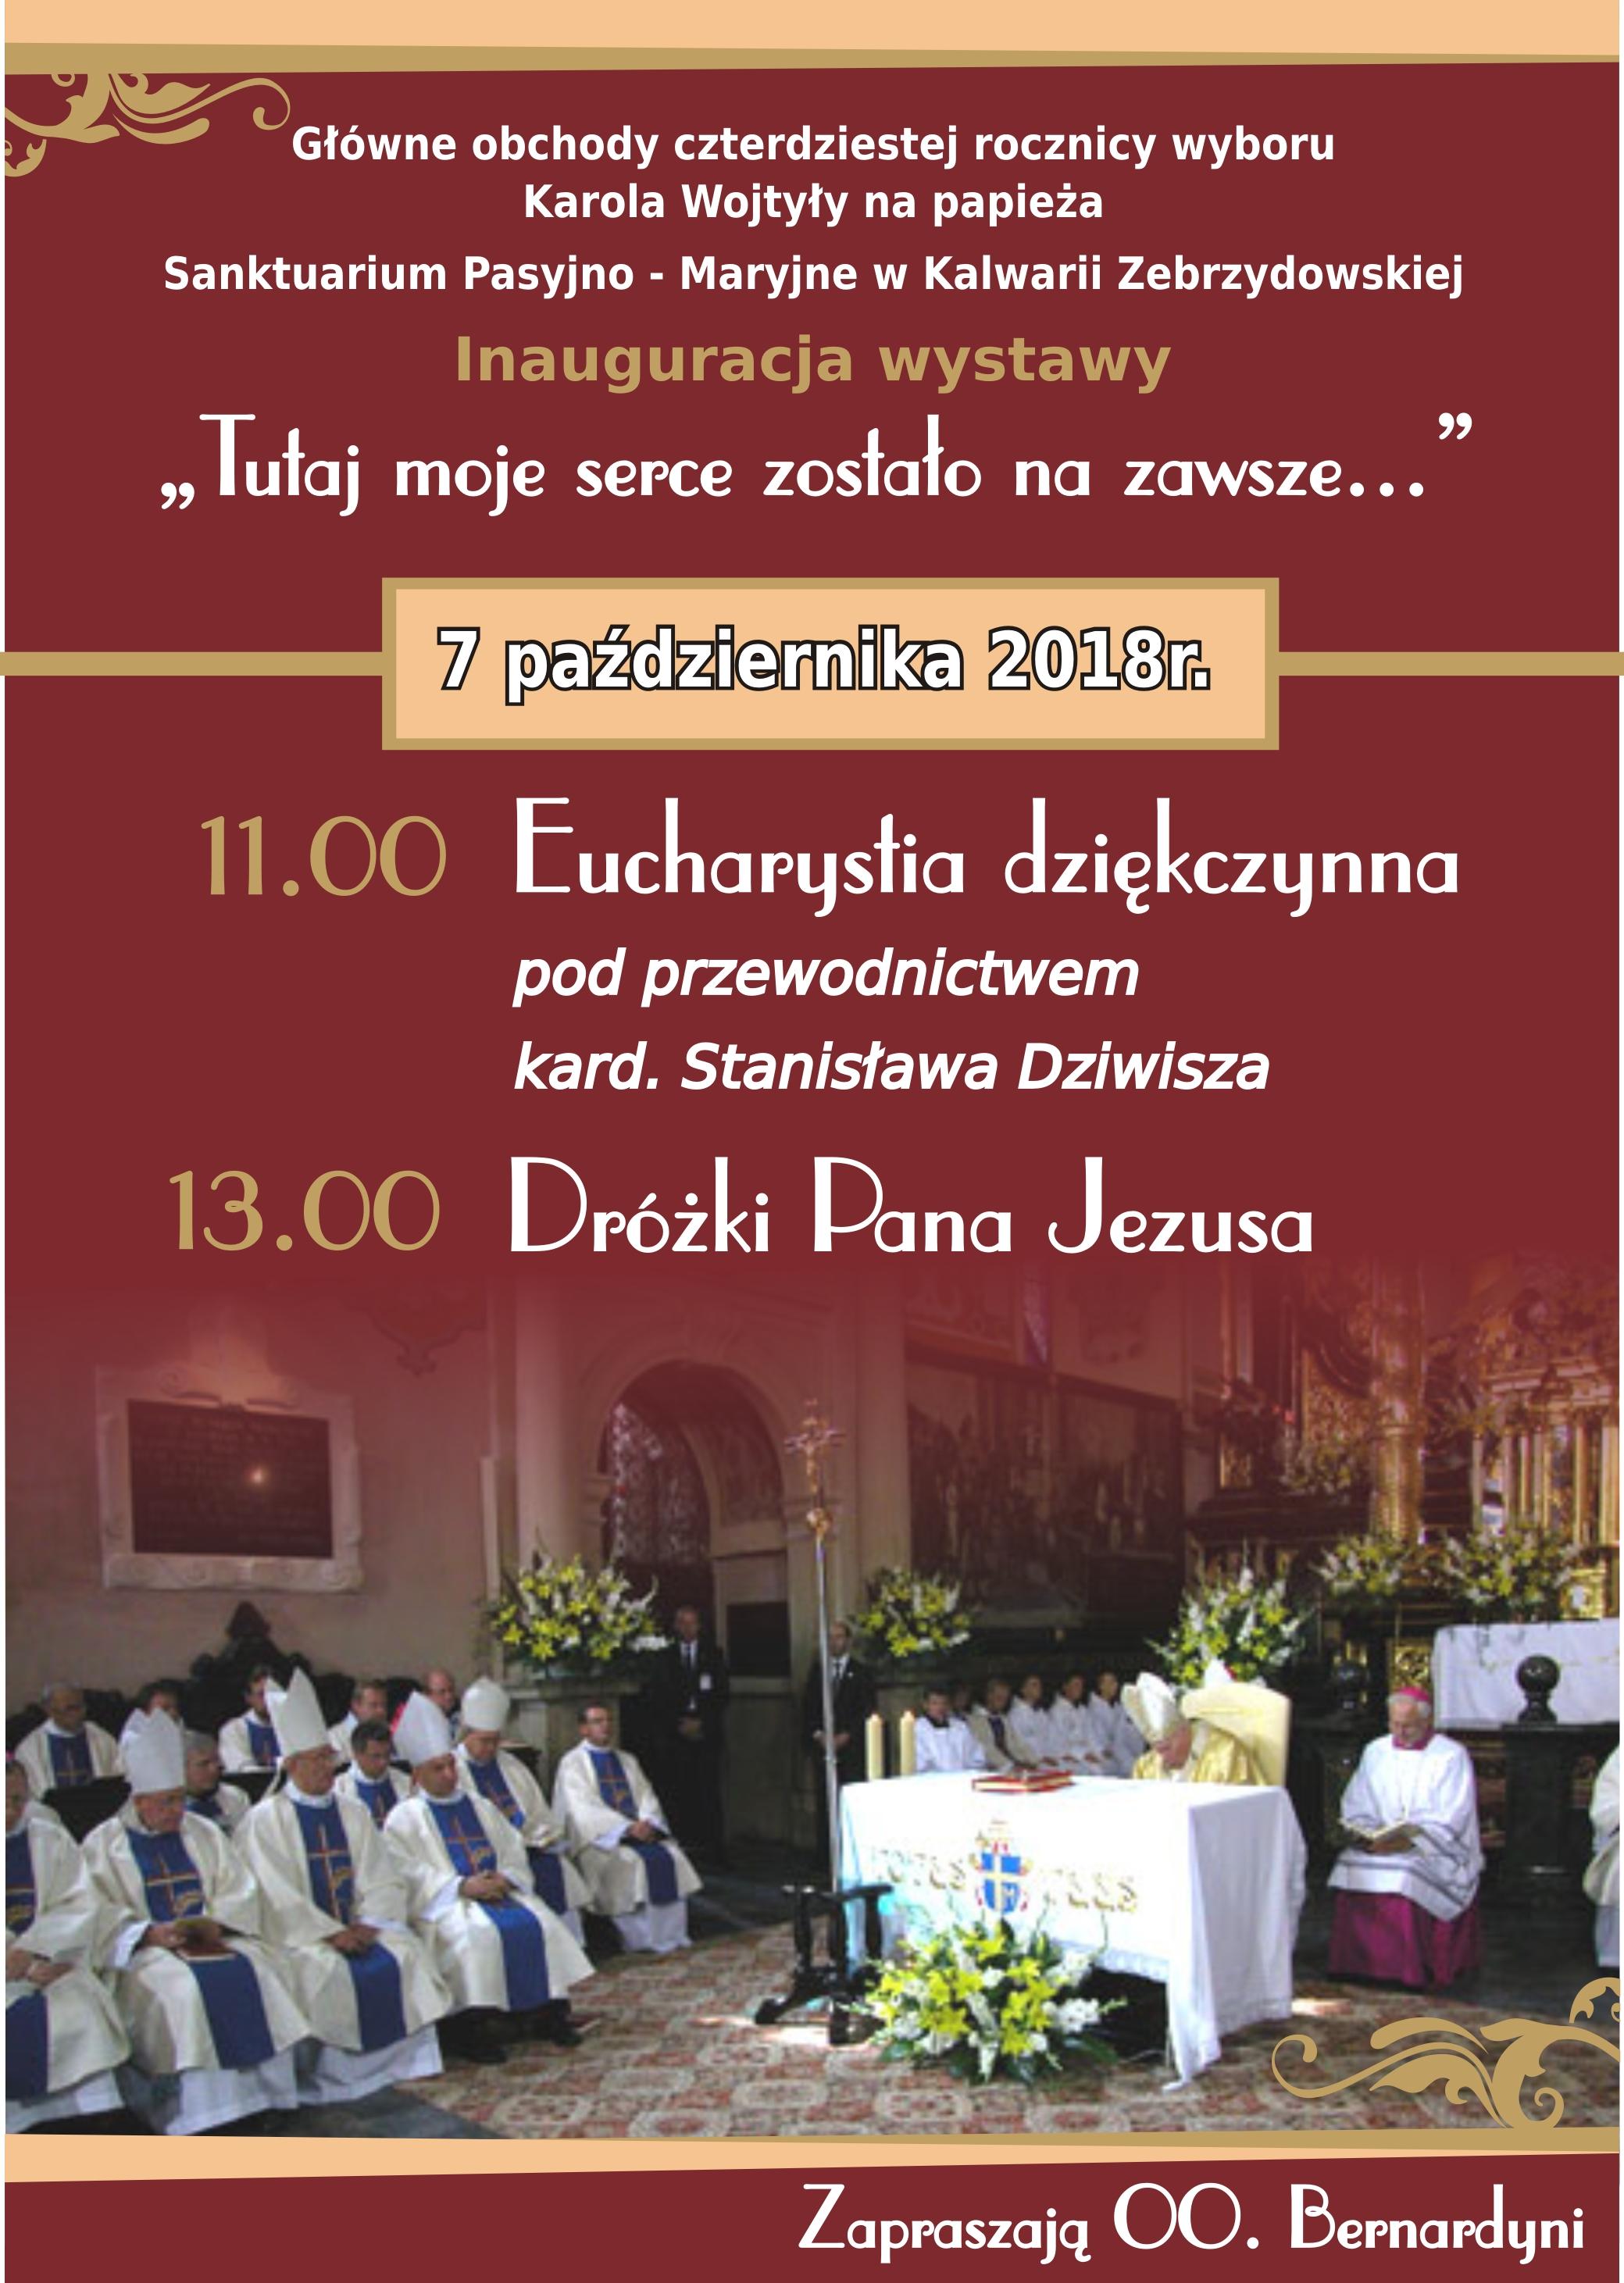 Msza św. dziękczynna pod przewodnictwem kard. Stanisława Dziwisza